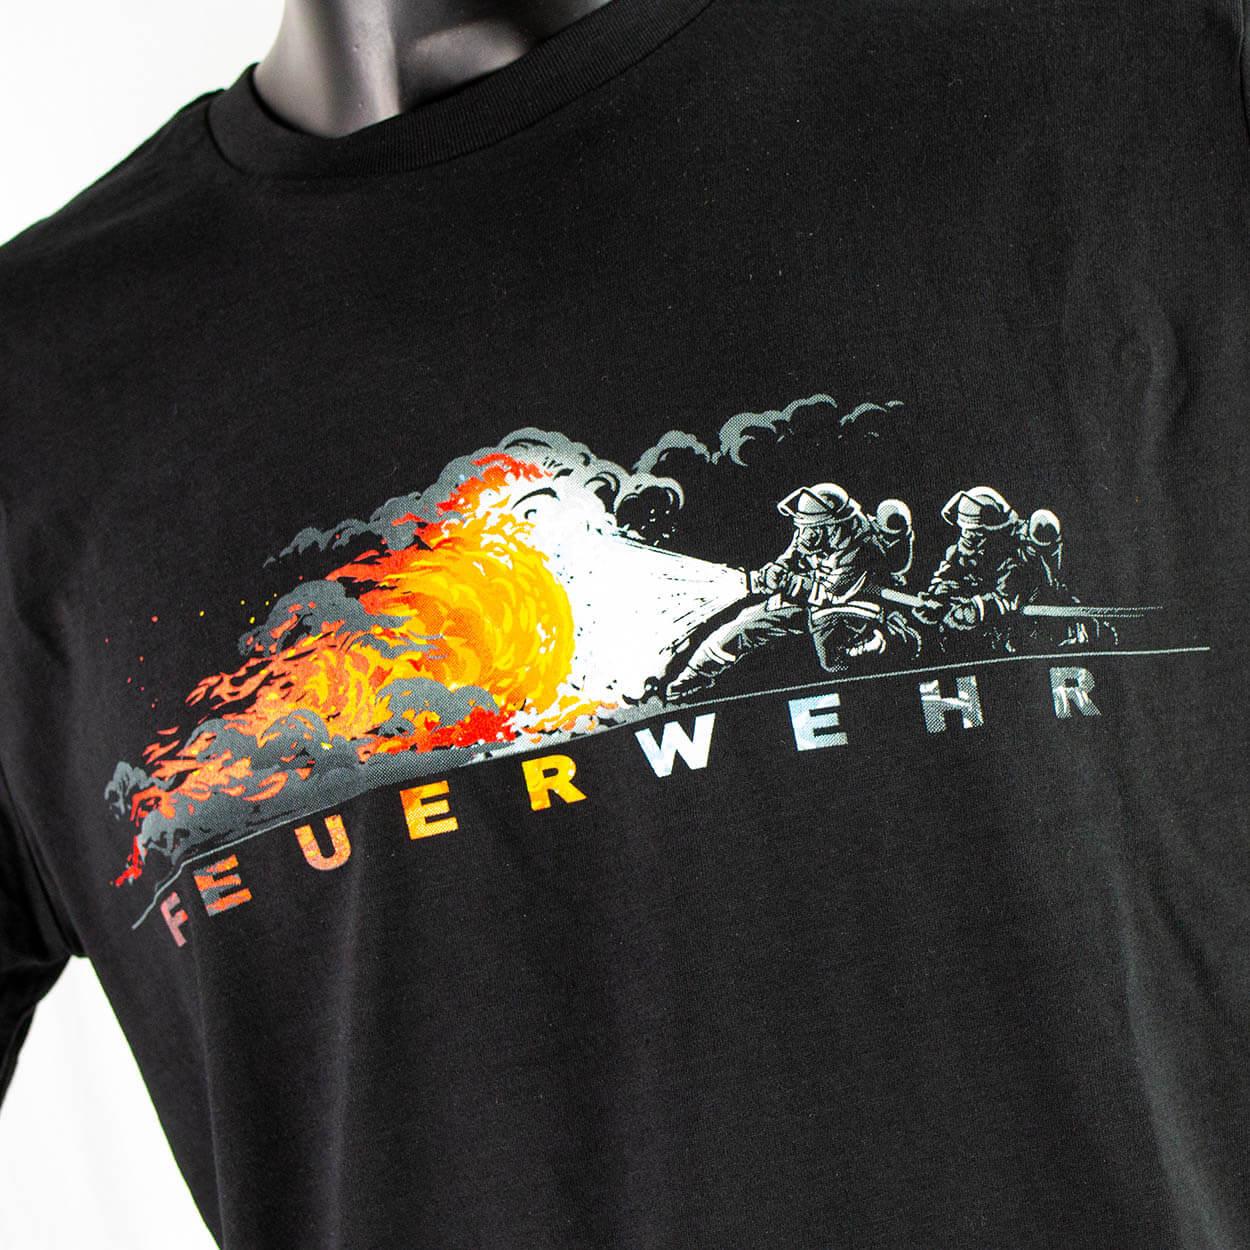 Angriffstrupp Feuerwehr - Kinder T-Shirt